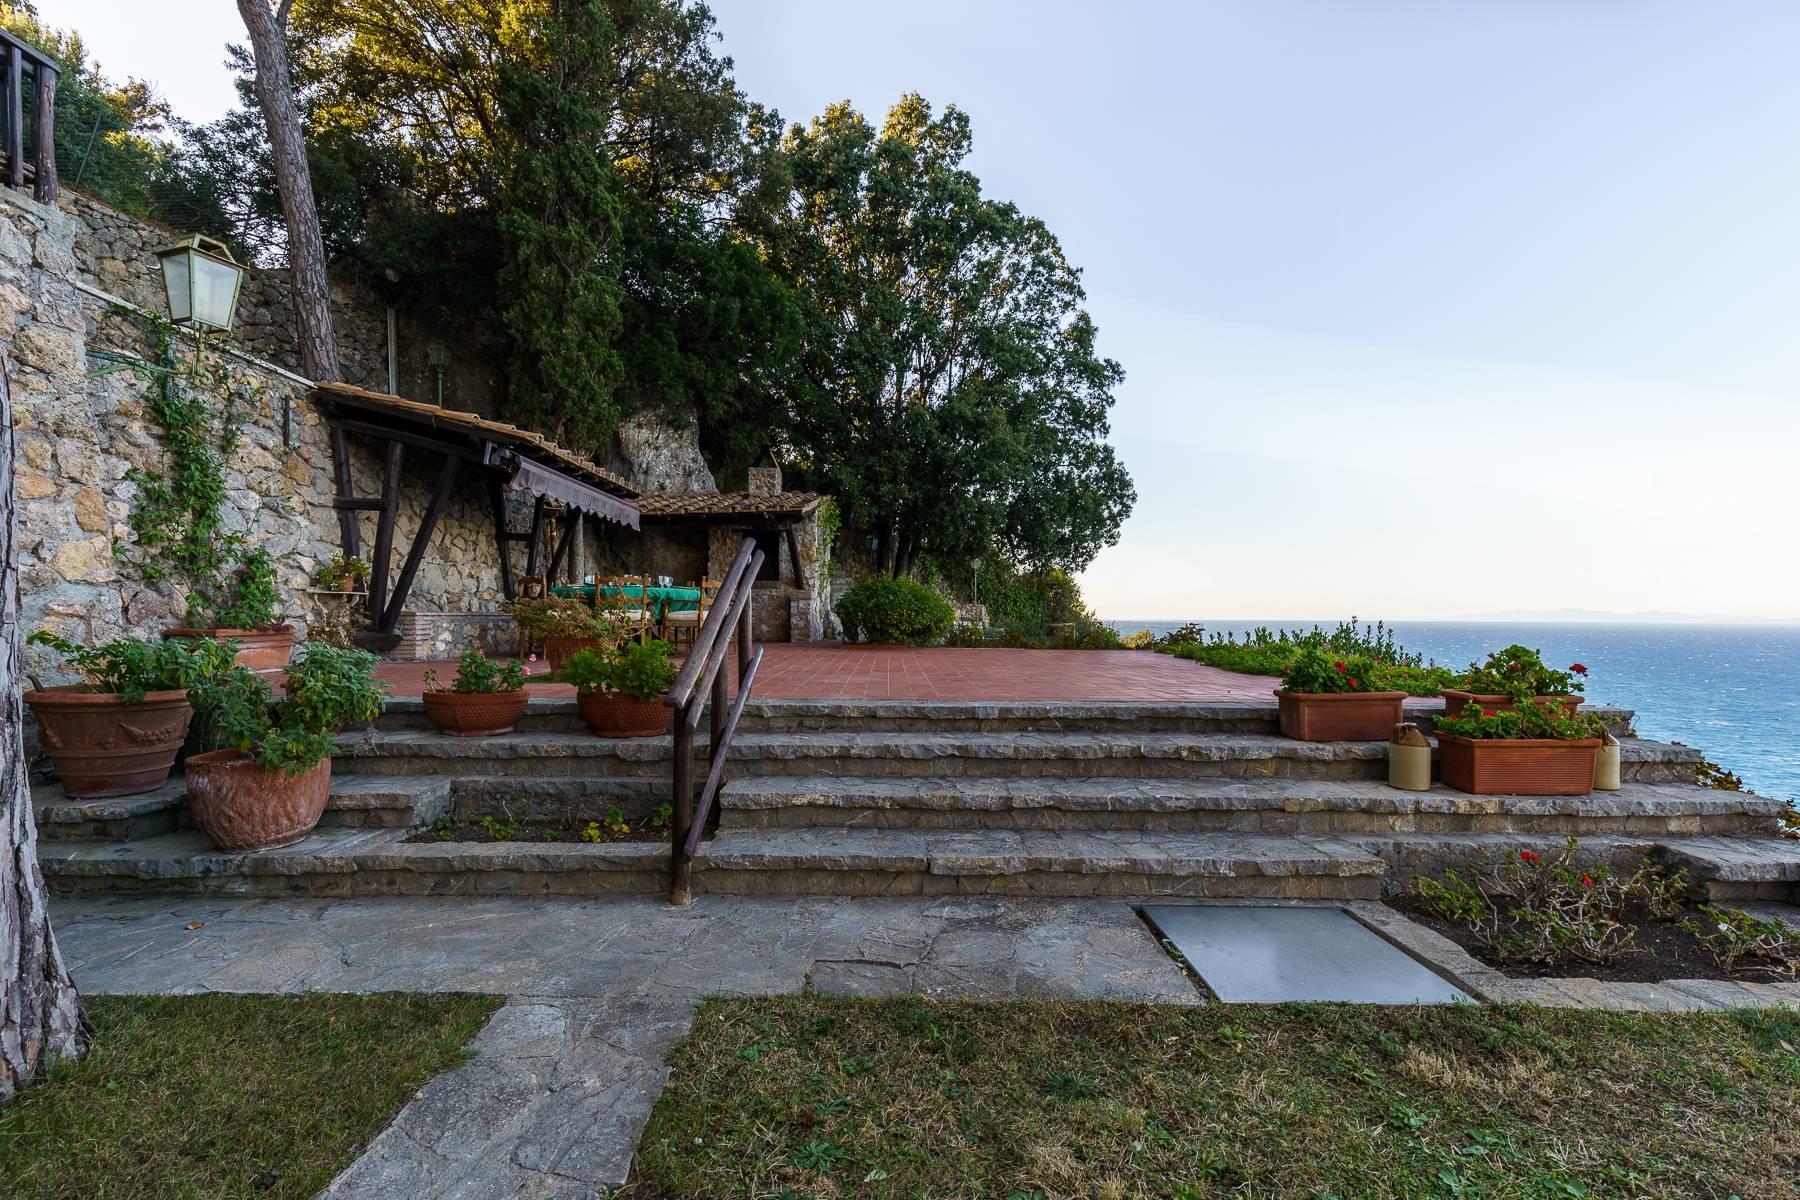 Villa in posizione unica con vista sulla baia di Porto Santo Stefano - 2